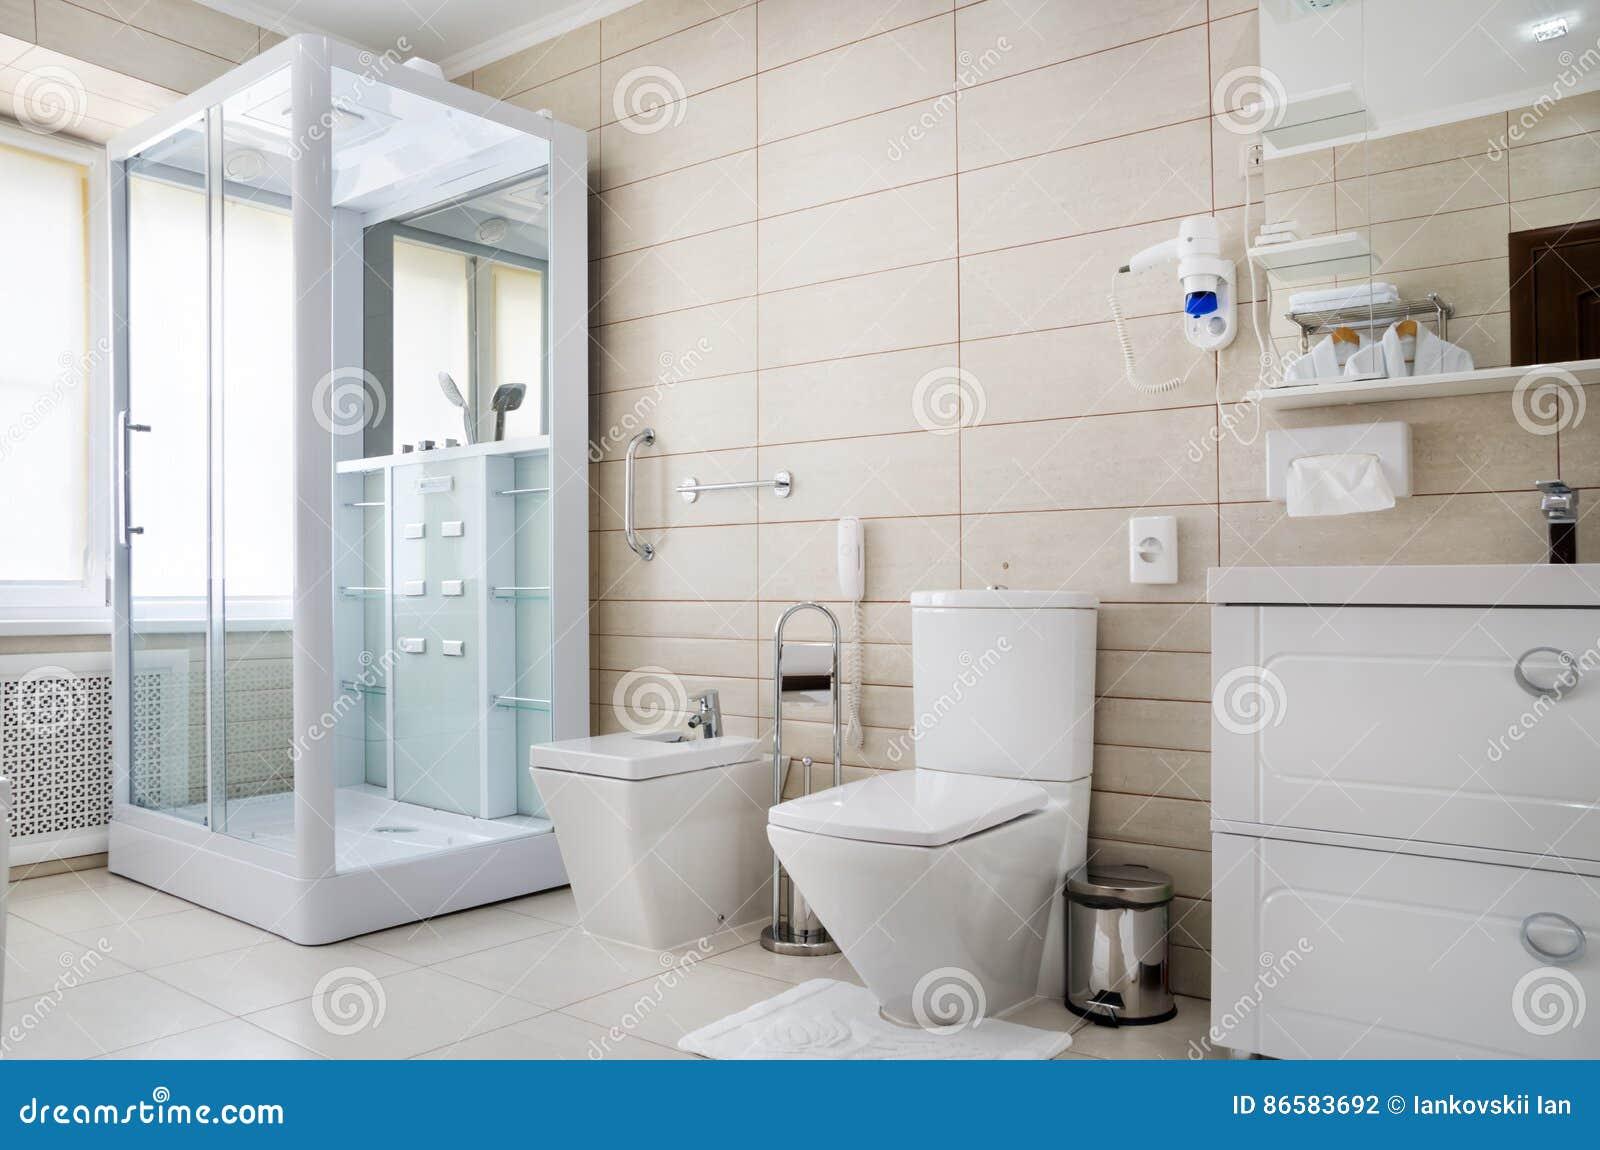 Badezimmer In Warmem Färbt, Mit Einer Toilette, Eine Badewanne, Ein ...